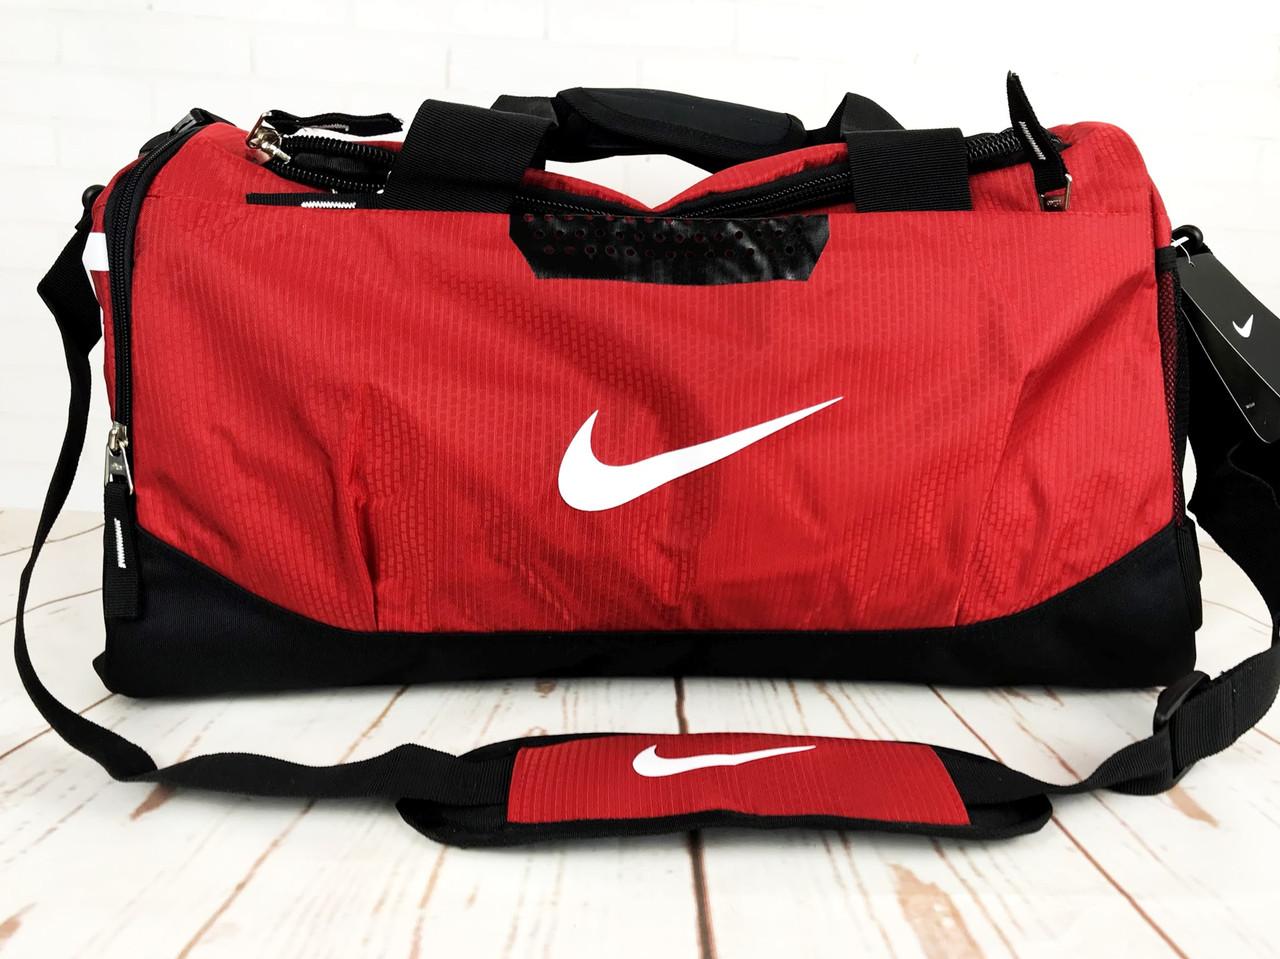 d8da50a832c4 Красивая спортивная сумка Nike.Сумка дорожная, спортивная Найк с отделом  для обуви КСС51-4